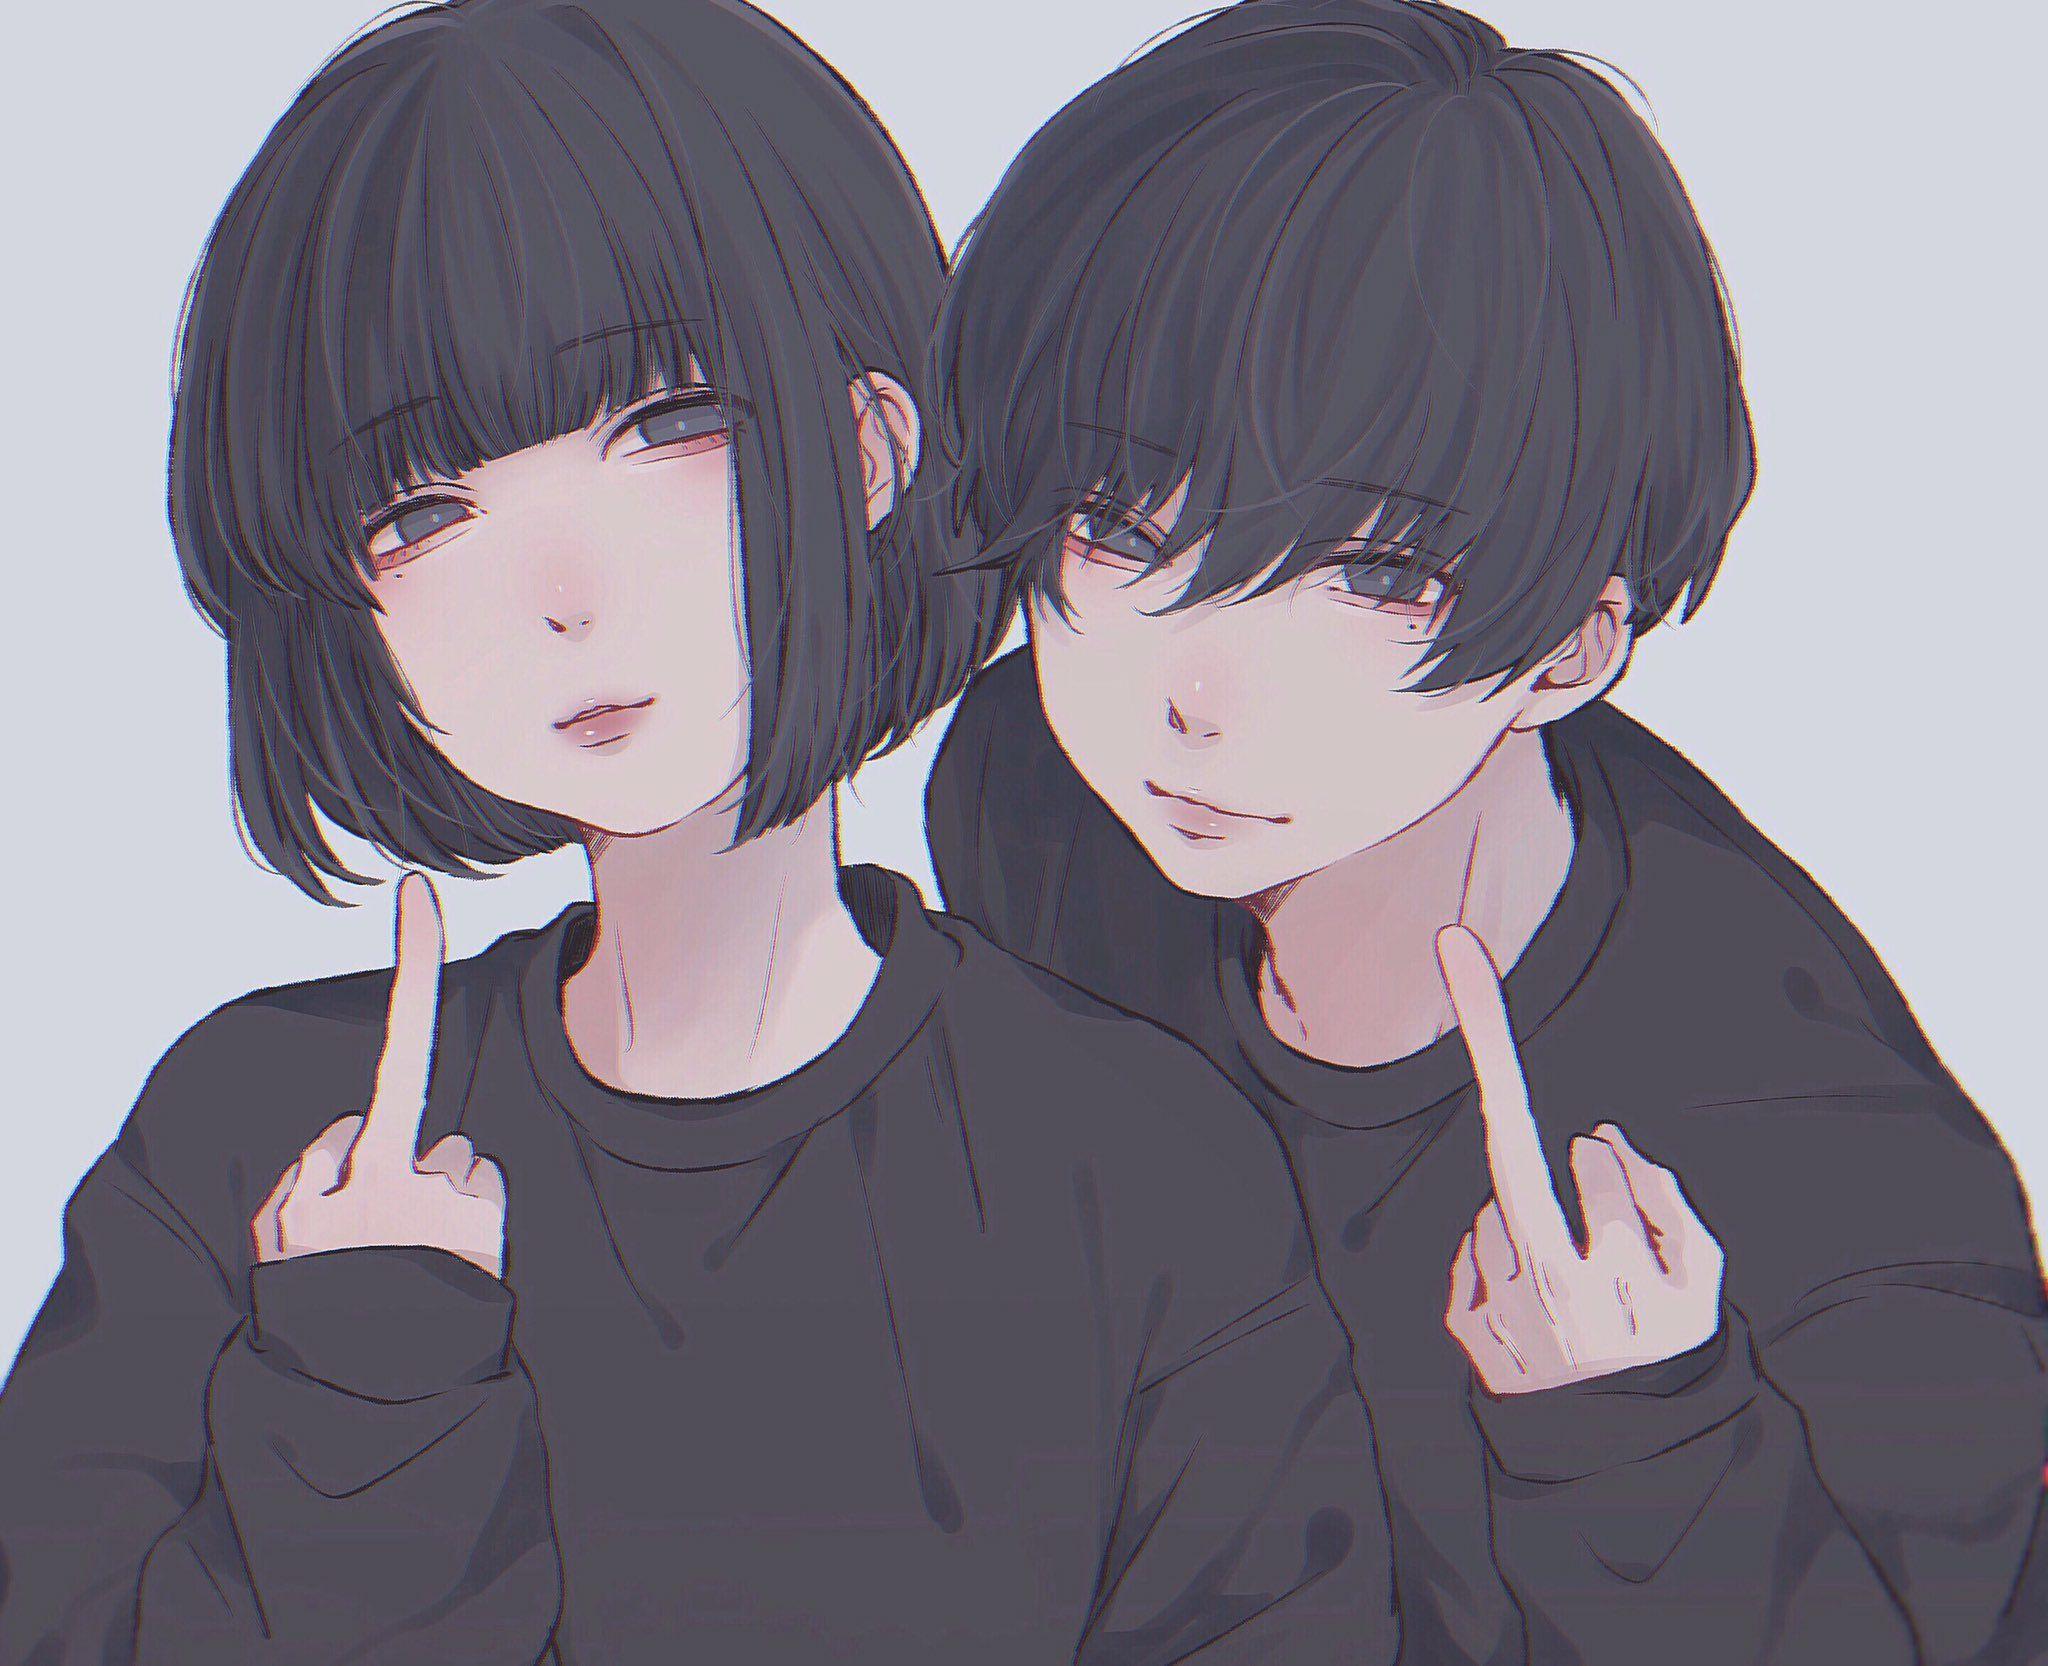 Pin De Worraps Em просто нрав Desenhos De Casais Anime